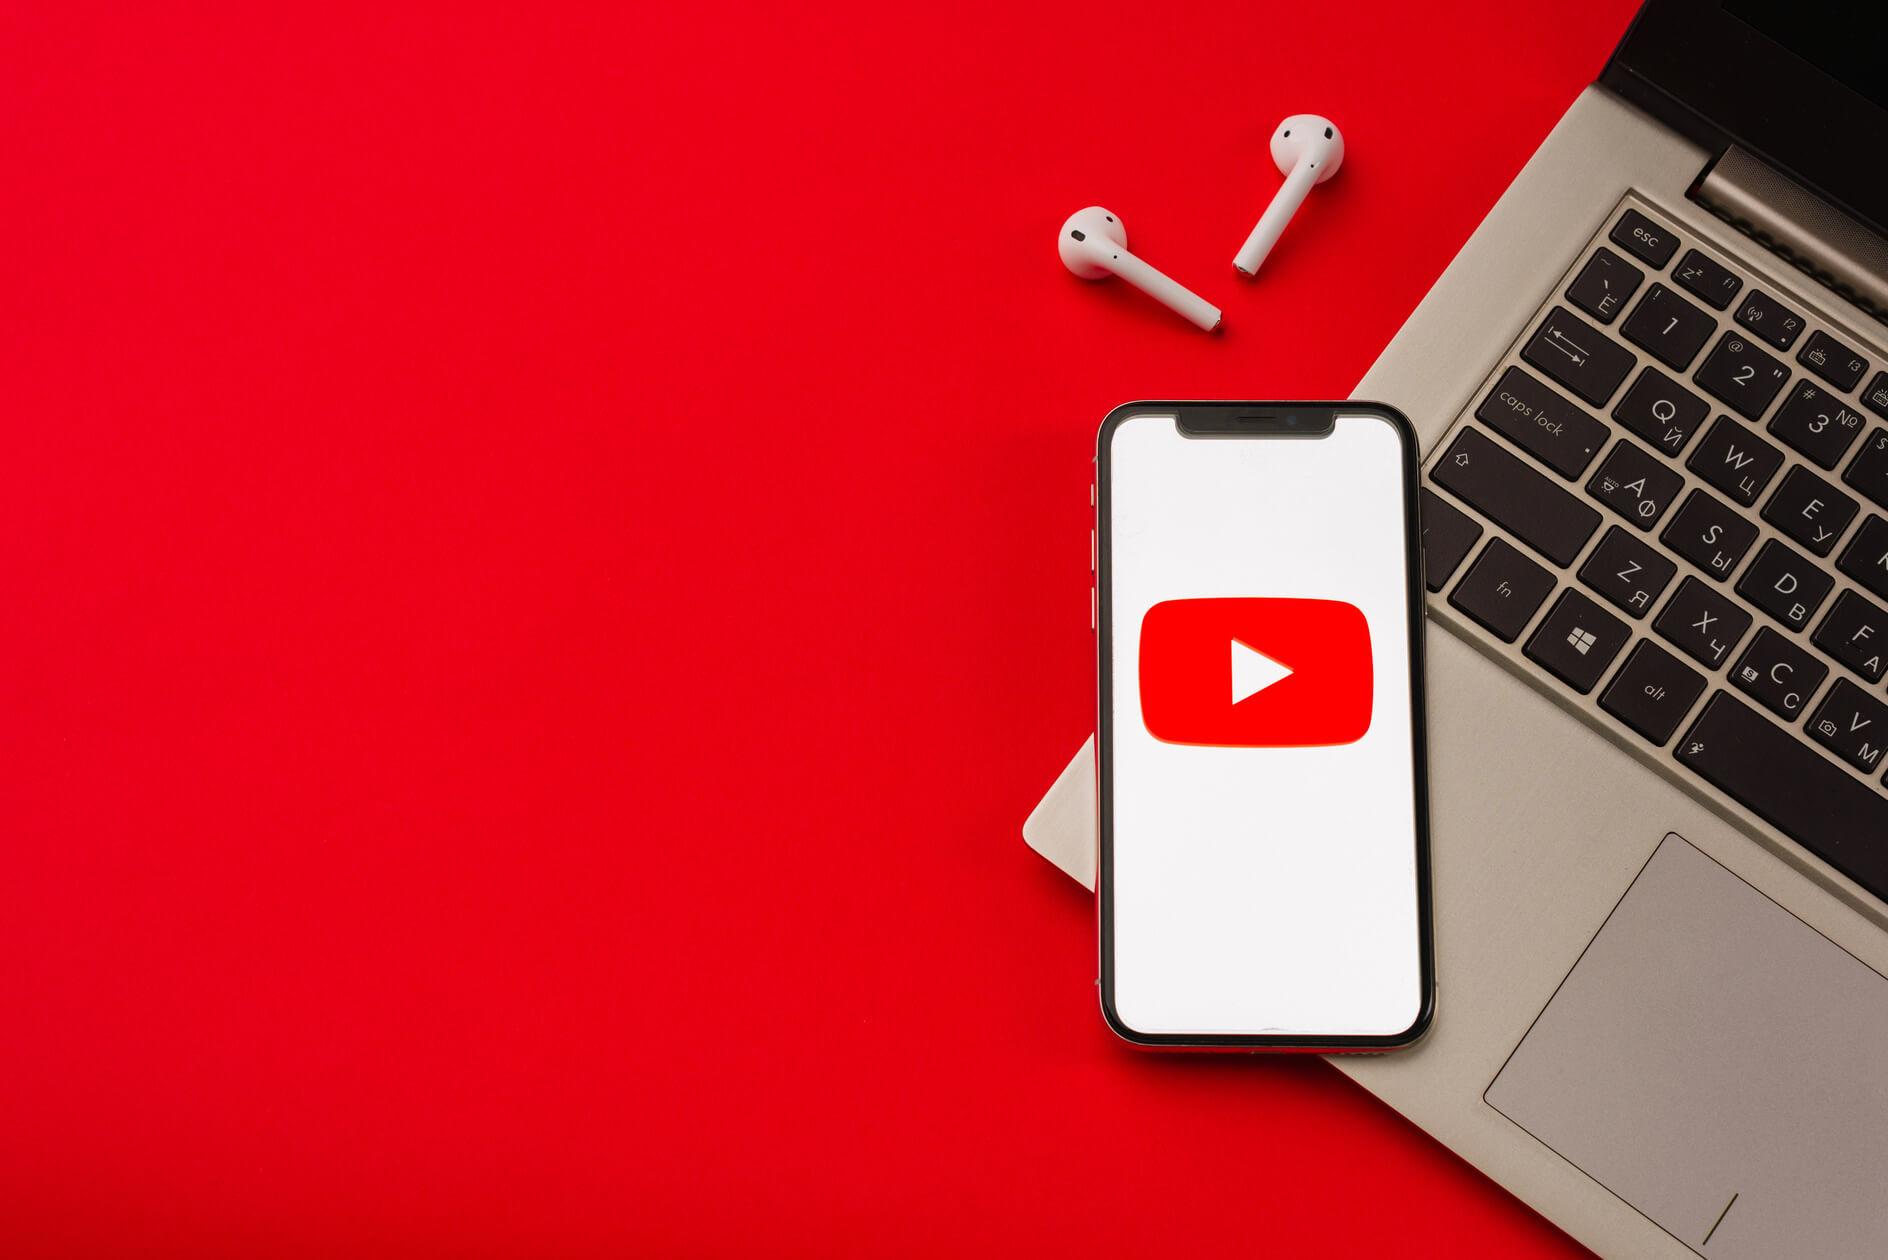 コロナに負けるな!プログラミング&YouTubeで頑張る人が作るべきアプリ